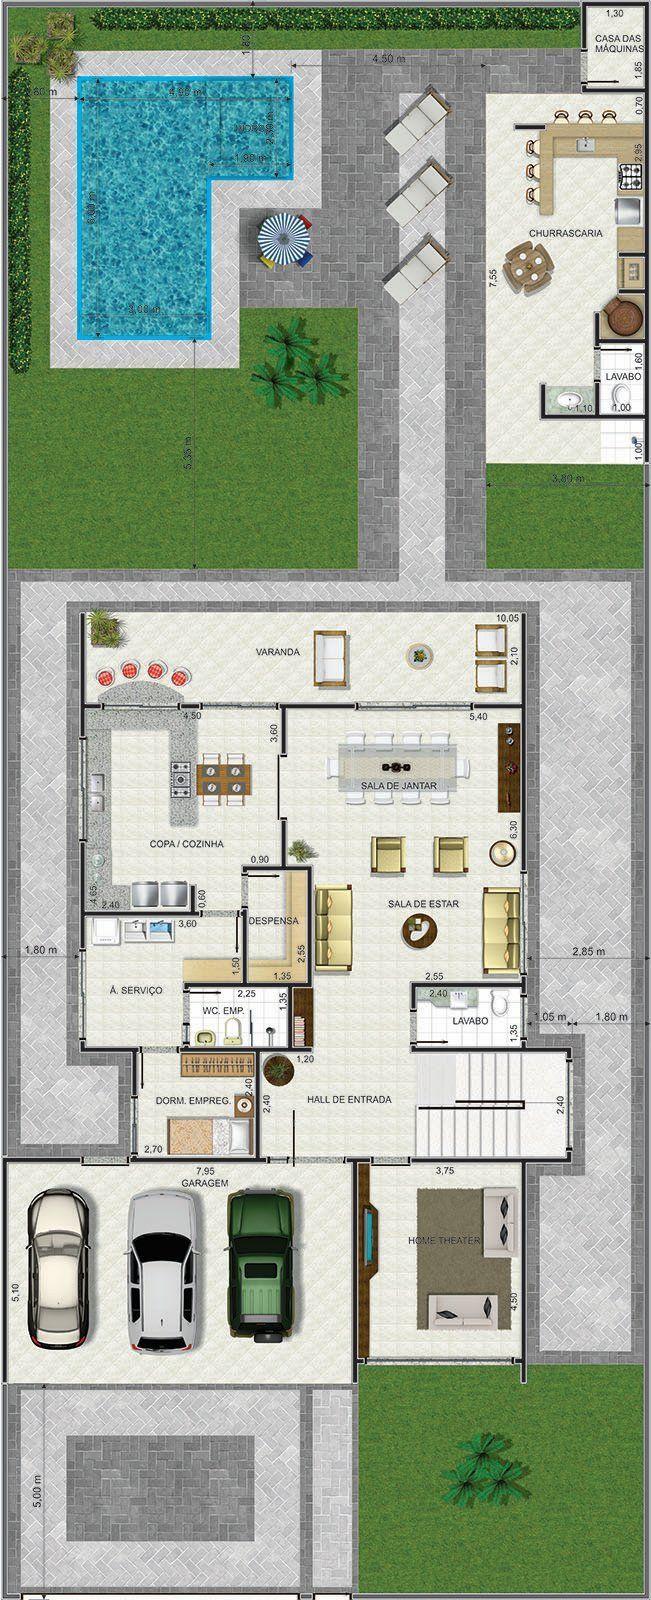 Planos y dise os de casa y jardin 8 dise os de casa planos y jard n - Cursos de diseno de interiores gratis ...